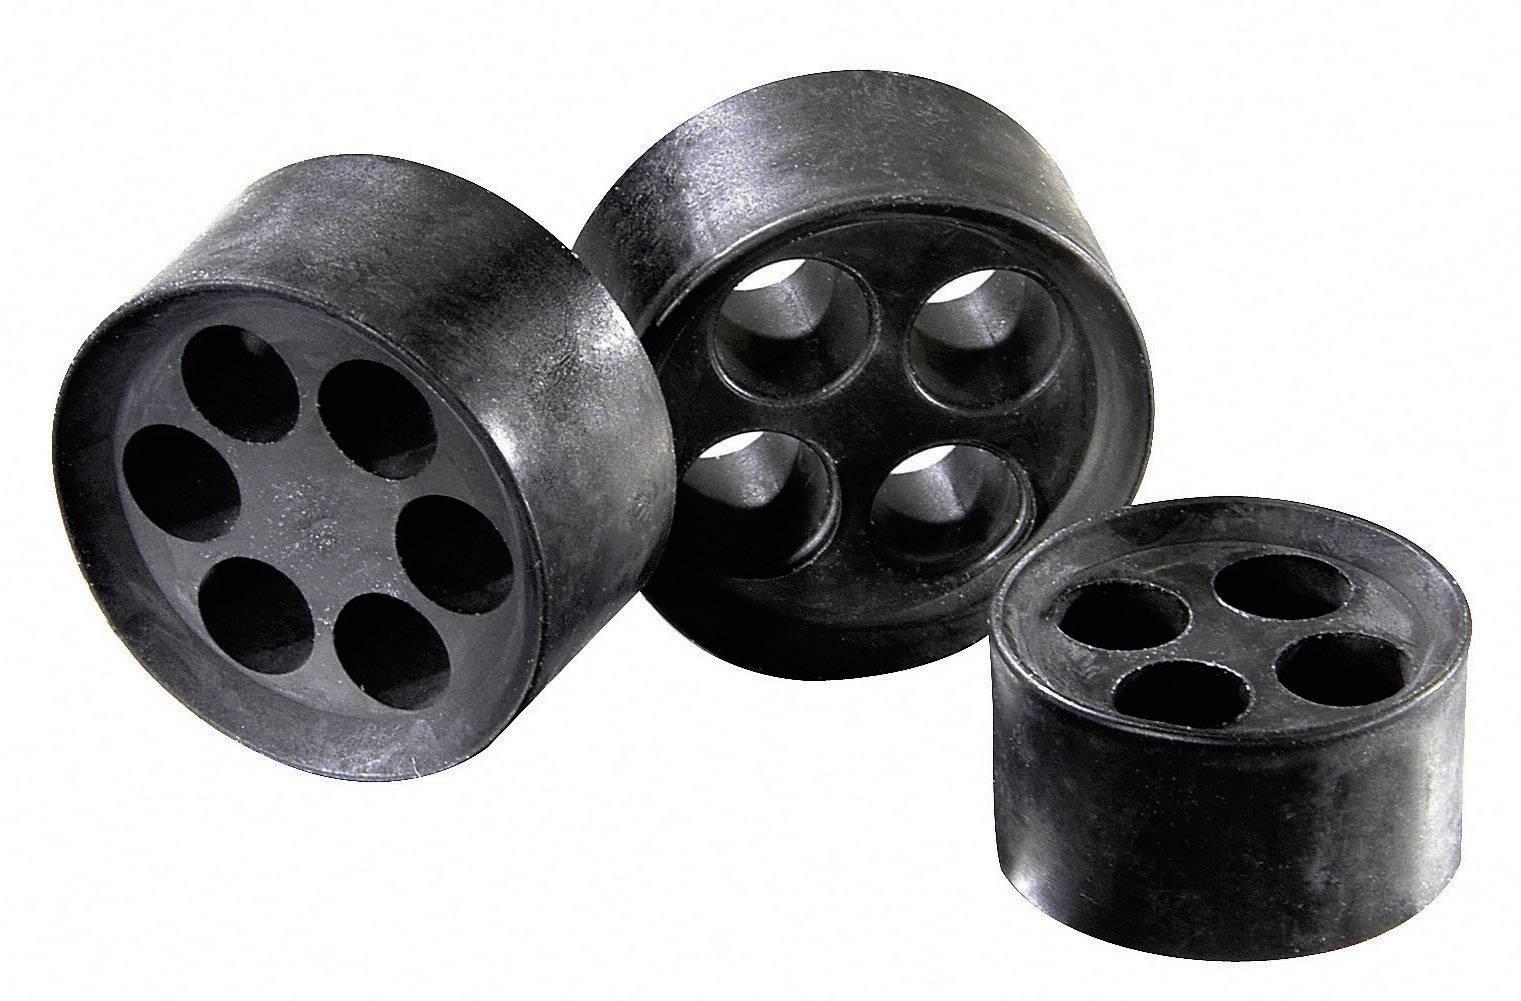 Těsnicí vložka M40 Wiska MFD 40/08/060 (10064346), IP66, M40, elastomer, černá